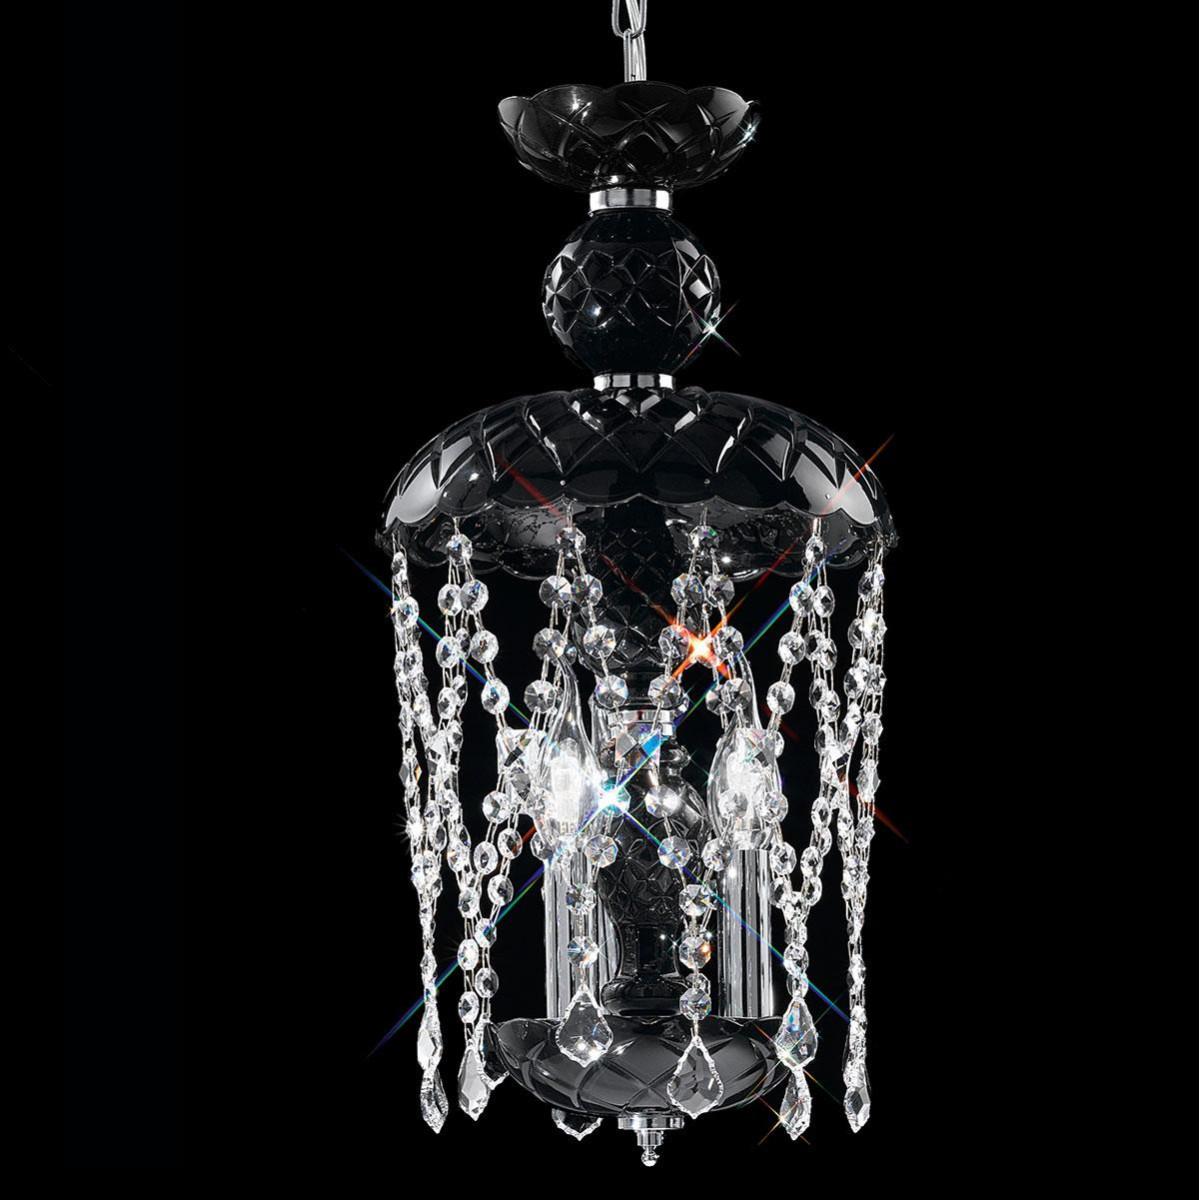 """""""Brindisi"""" venezianischer kristall hangeleuchte - 3 flammig - schwarz mit transparent Verfügung"""